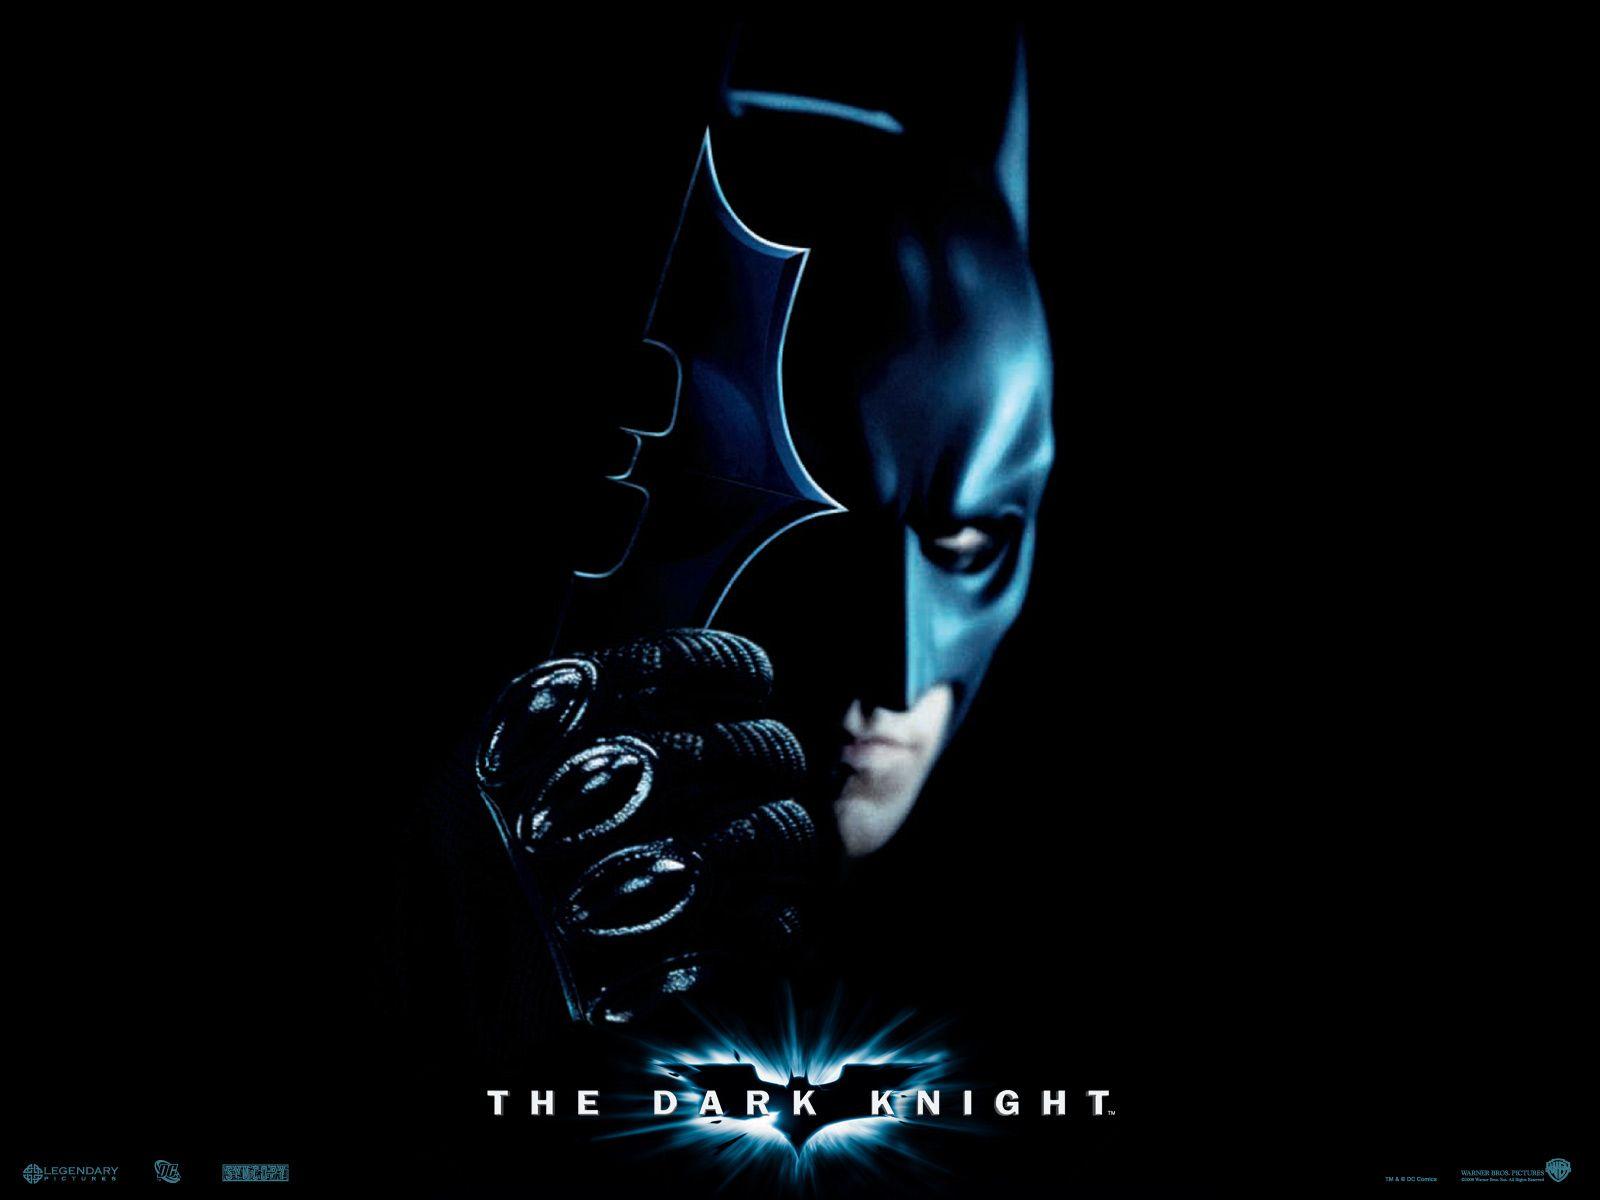 Batman Holding Metal Bat Emblem Wallpaper 1600x1200